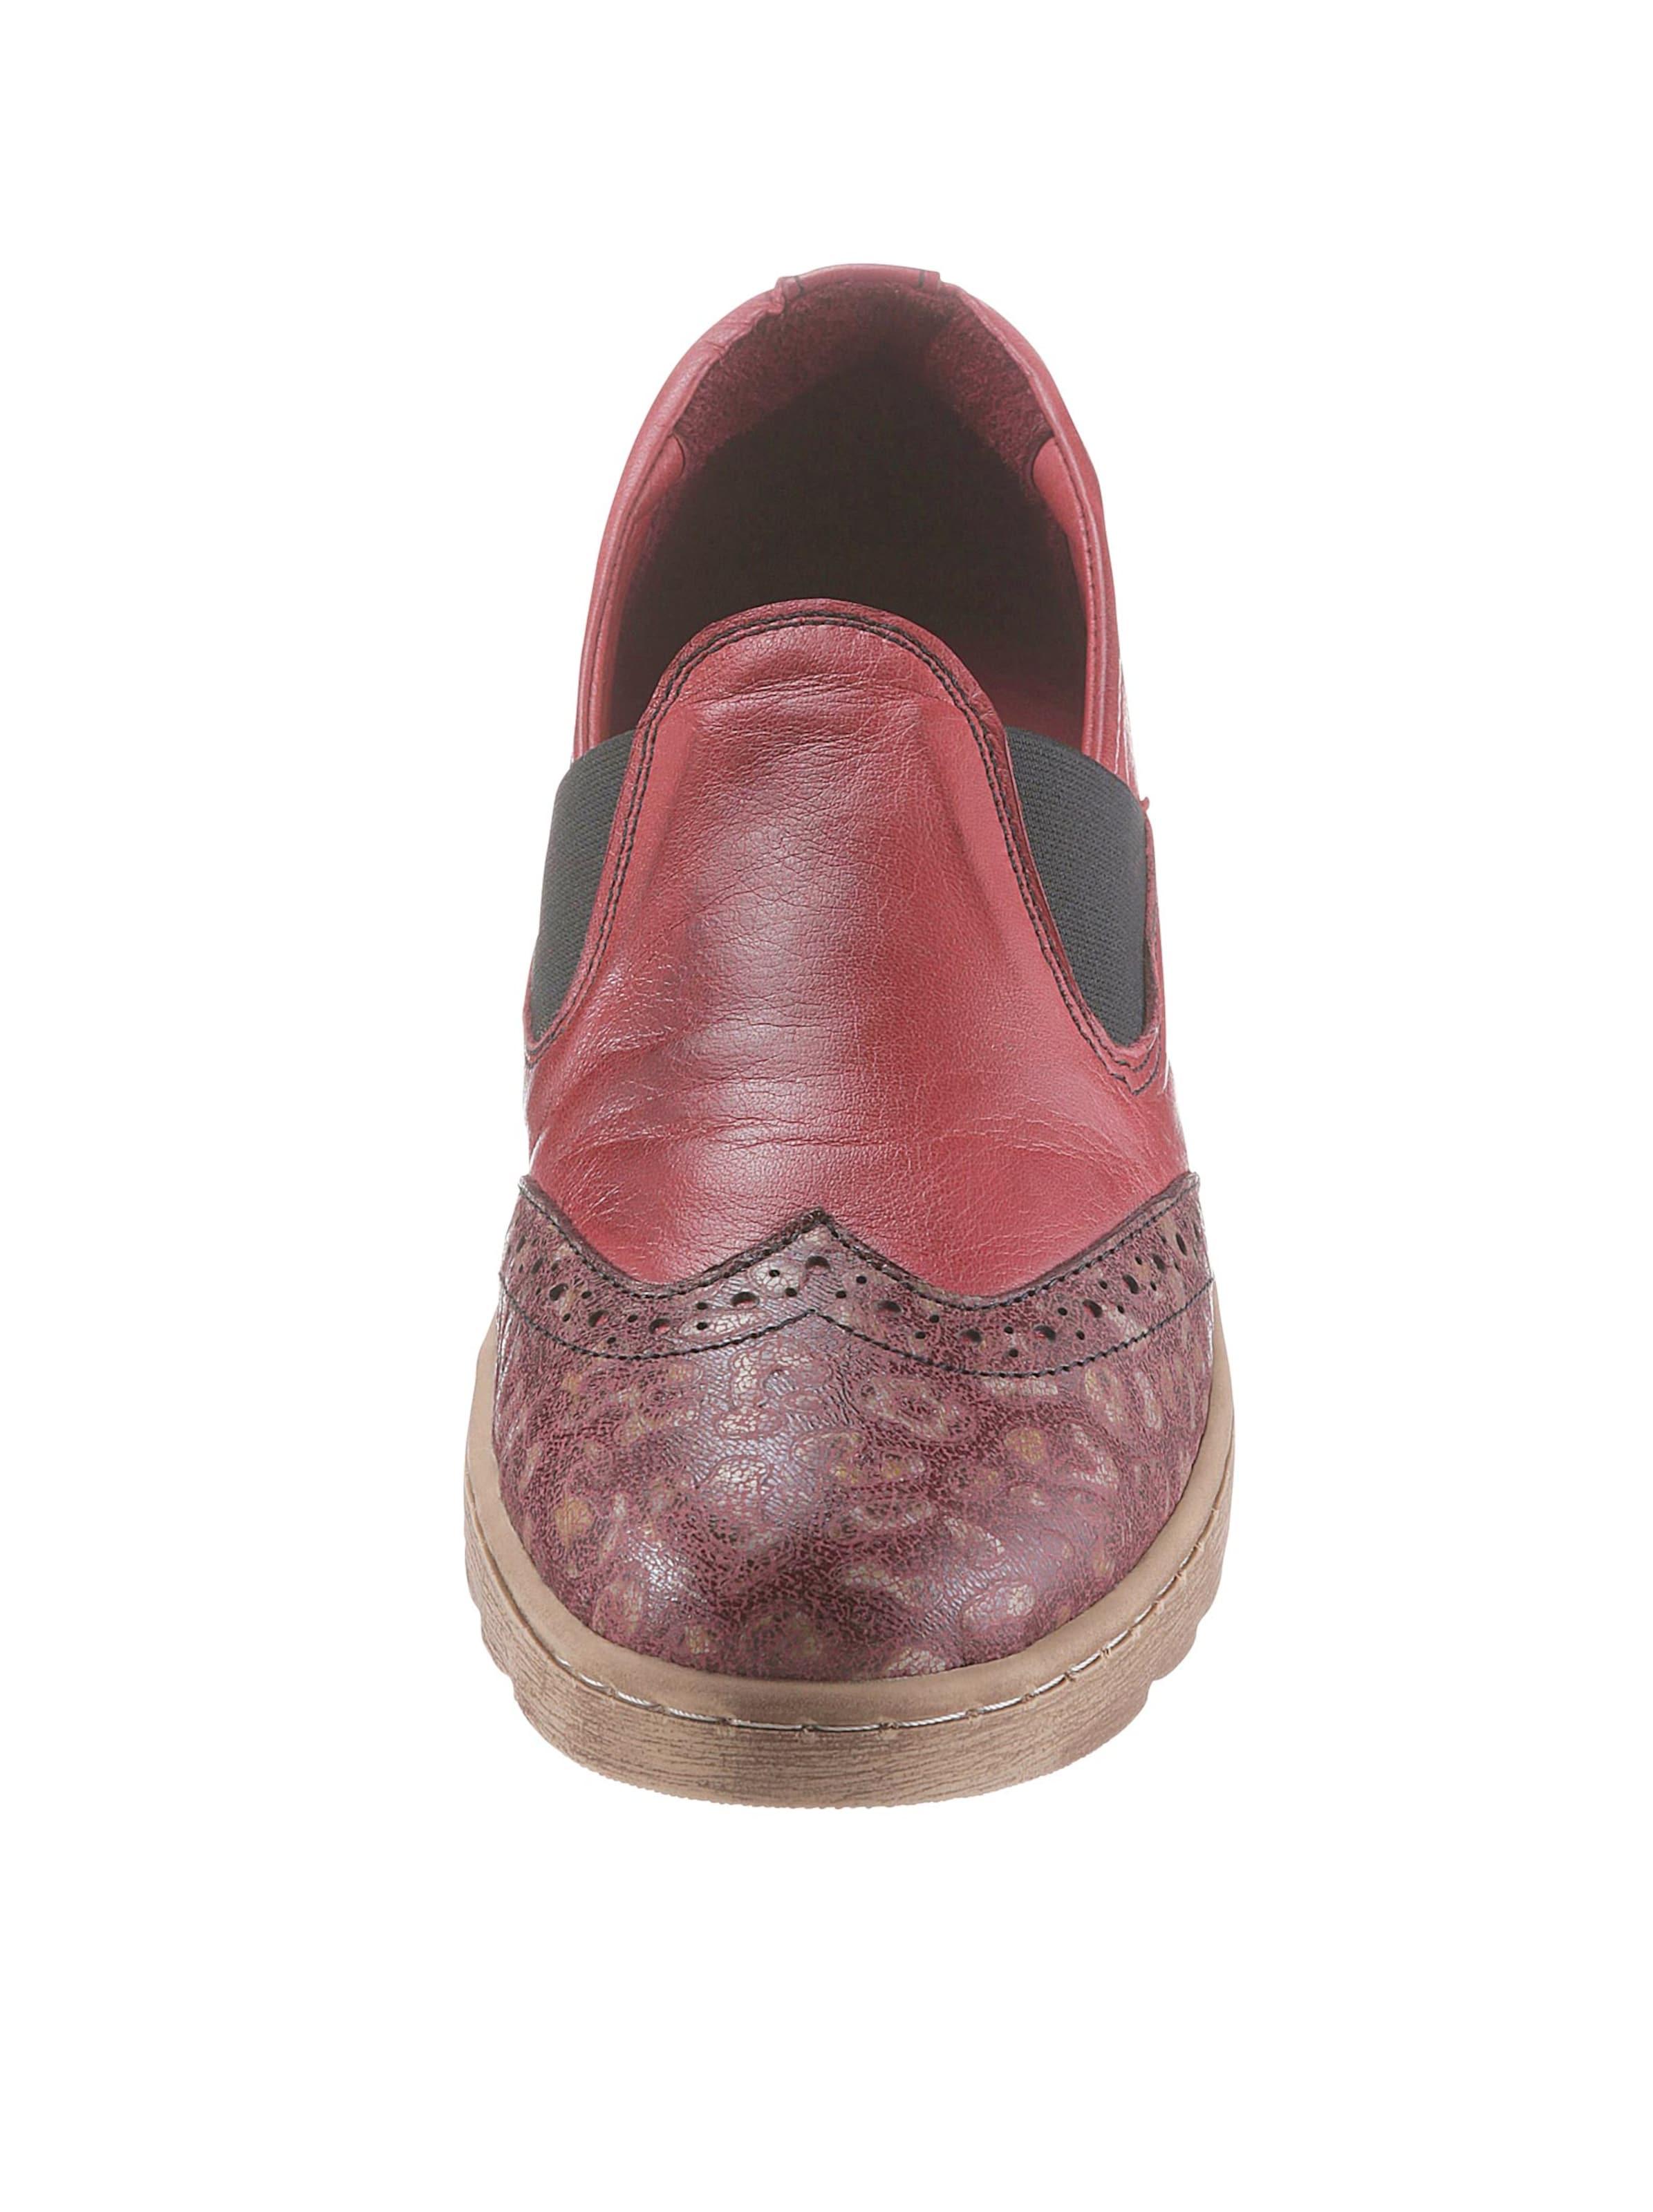 gemini - Damen Slipper bordeaux